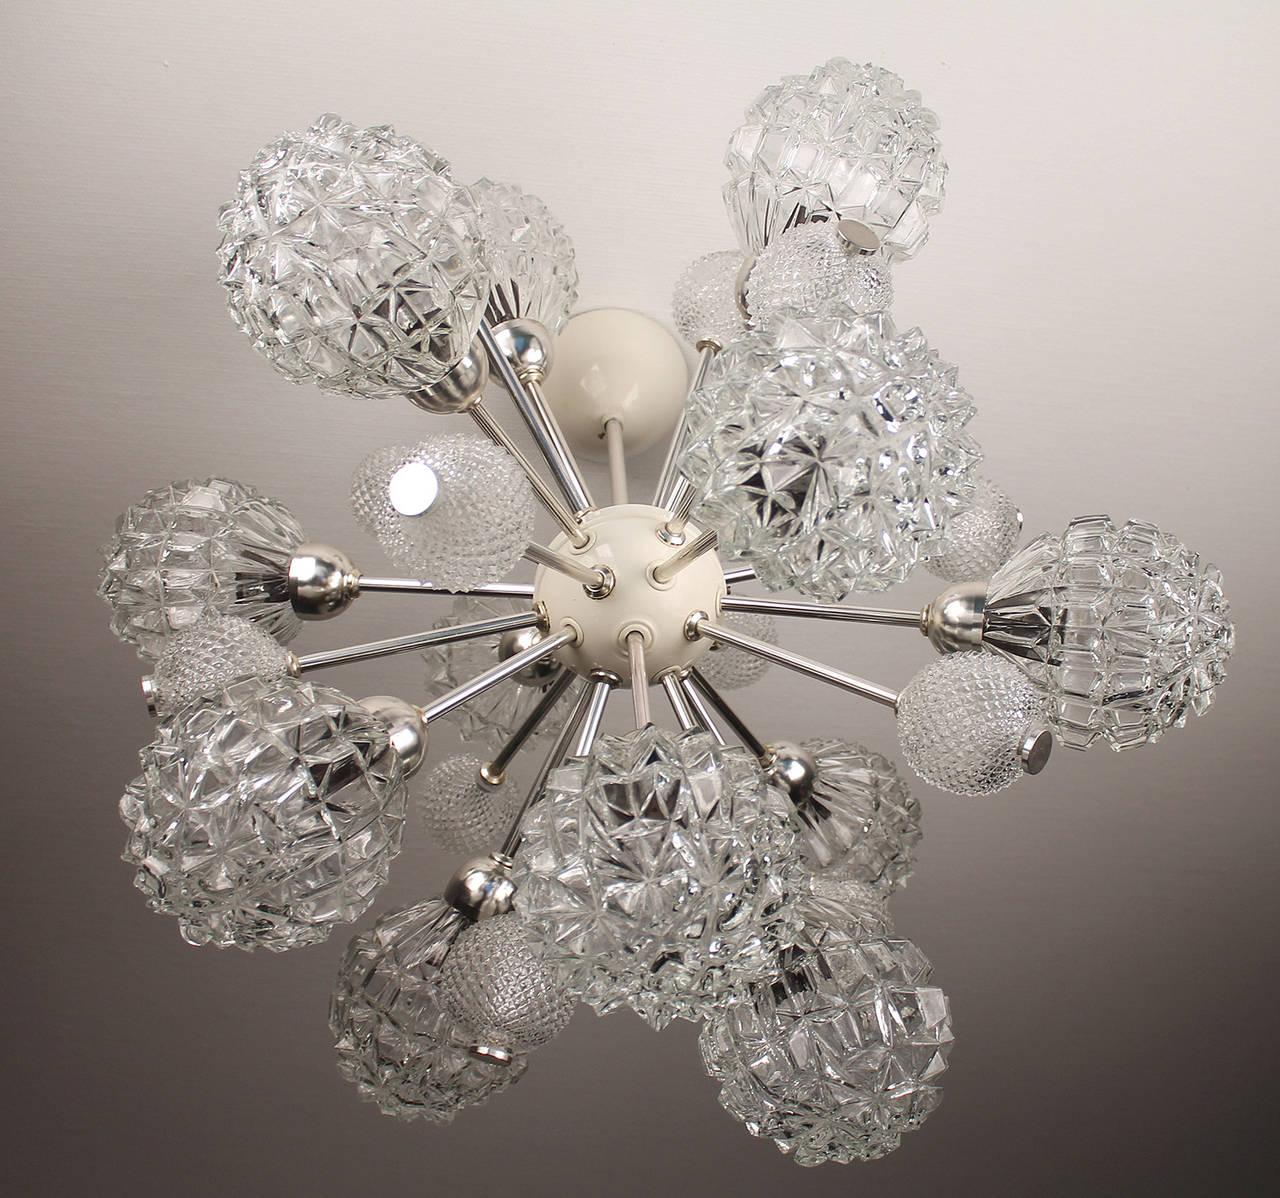 Large Sunburst Glass Chandelier,  1960s Modernist  Stilnovo Style Pendant Lamp  In Good Condition For Sale In Bremen, DE